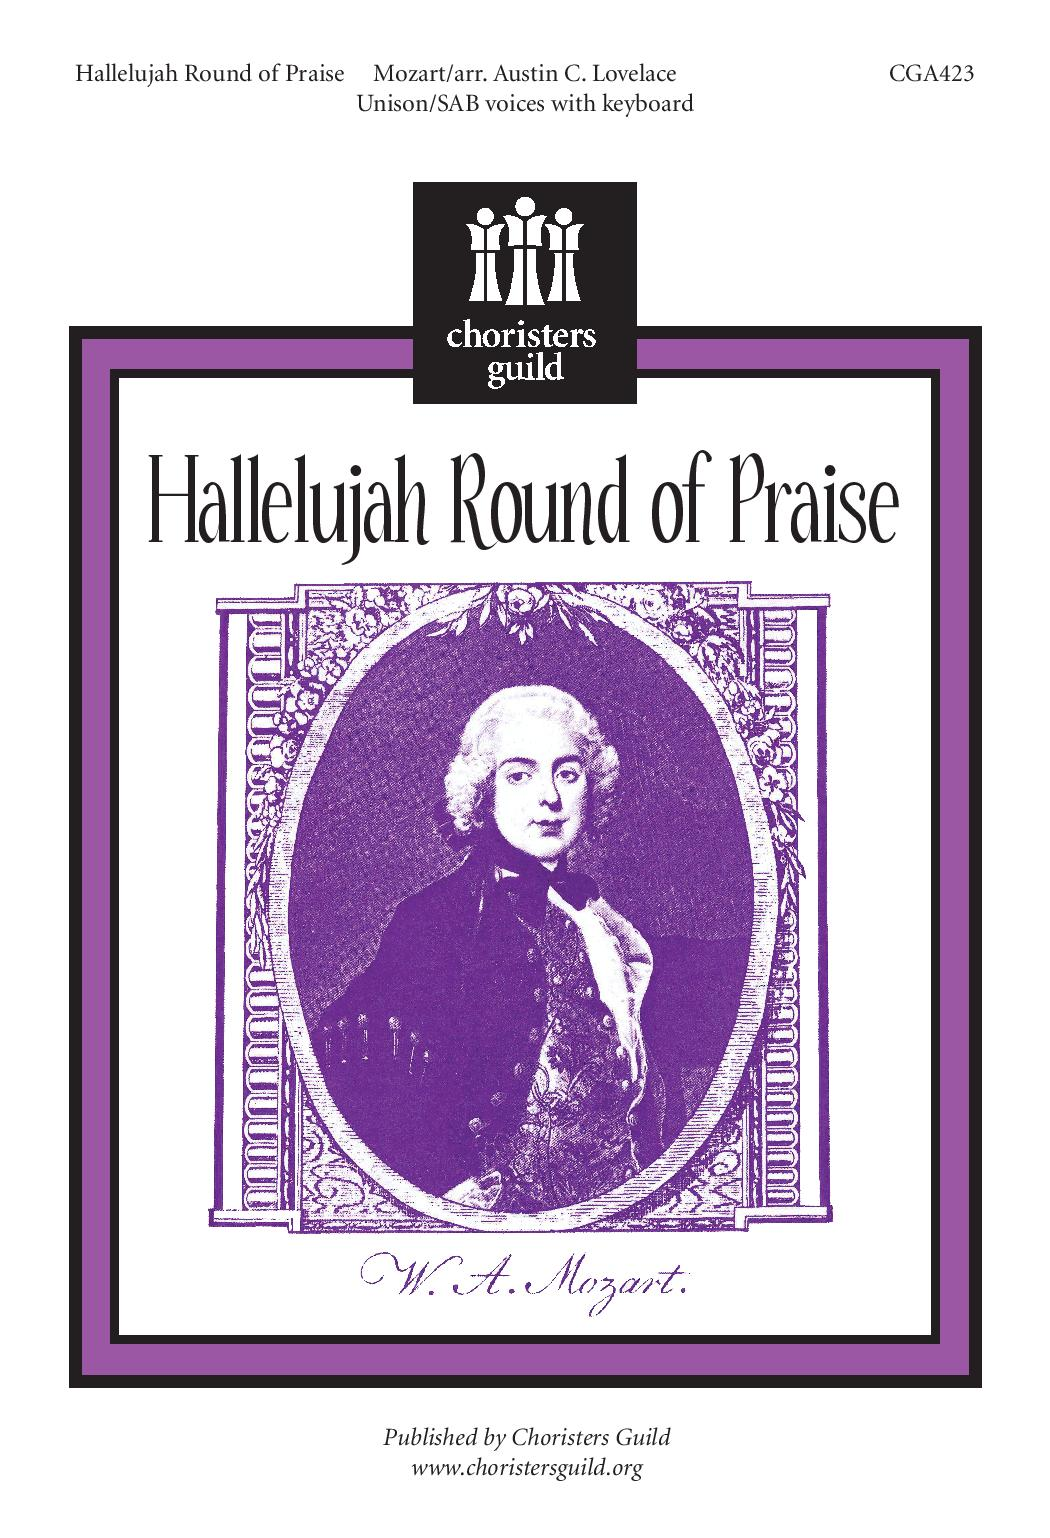 Hallelujah Round of Praise